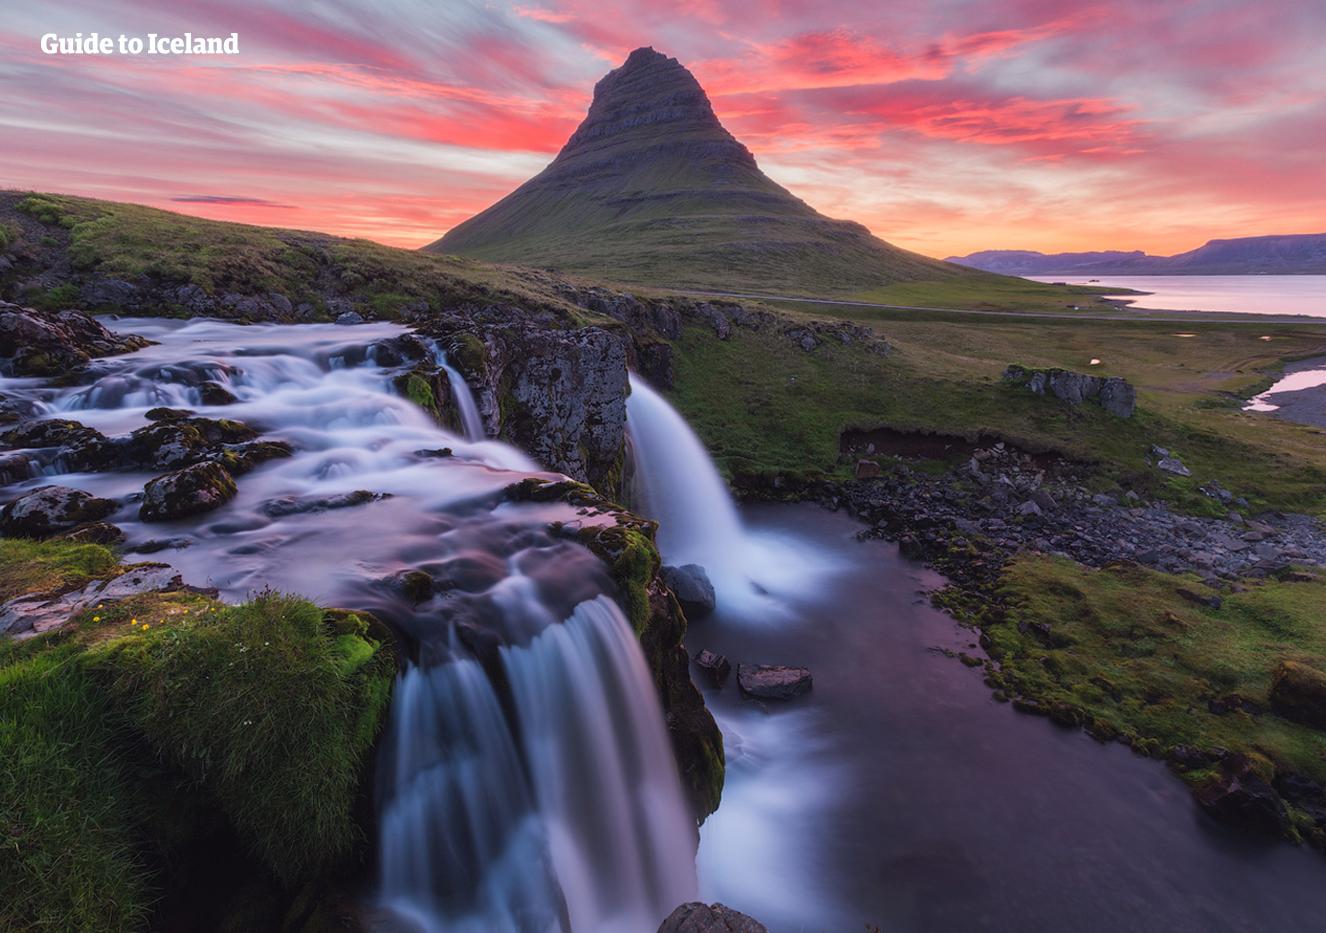 스나이페들스네스 반도의 키르큐페들 산은 왕좌의 게임에서 화살촉 모양을 닮은 산으로 등장한 바 있습니다.